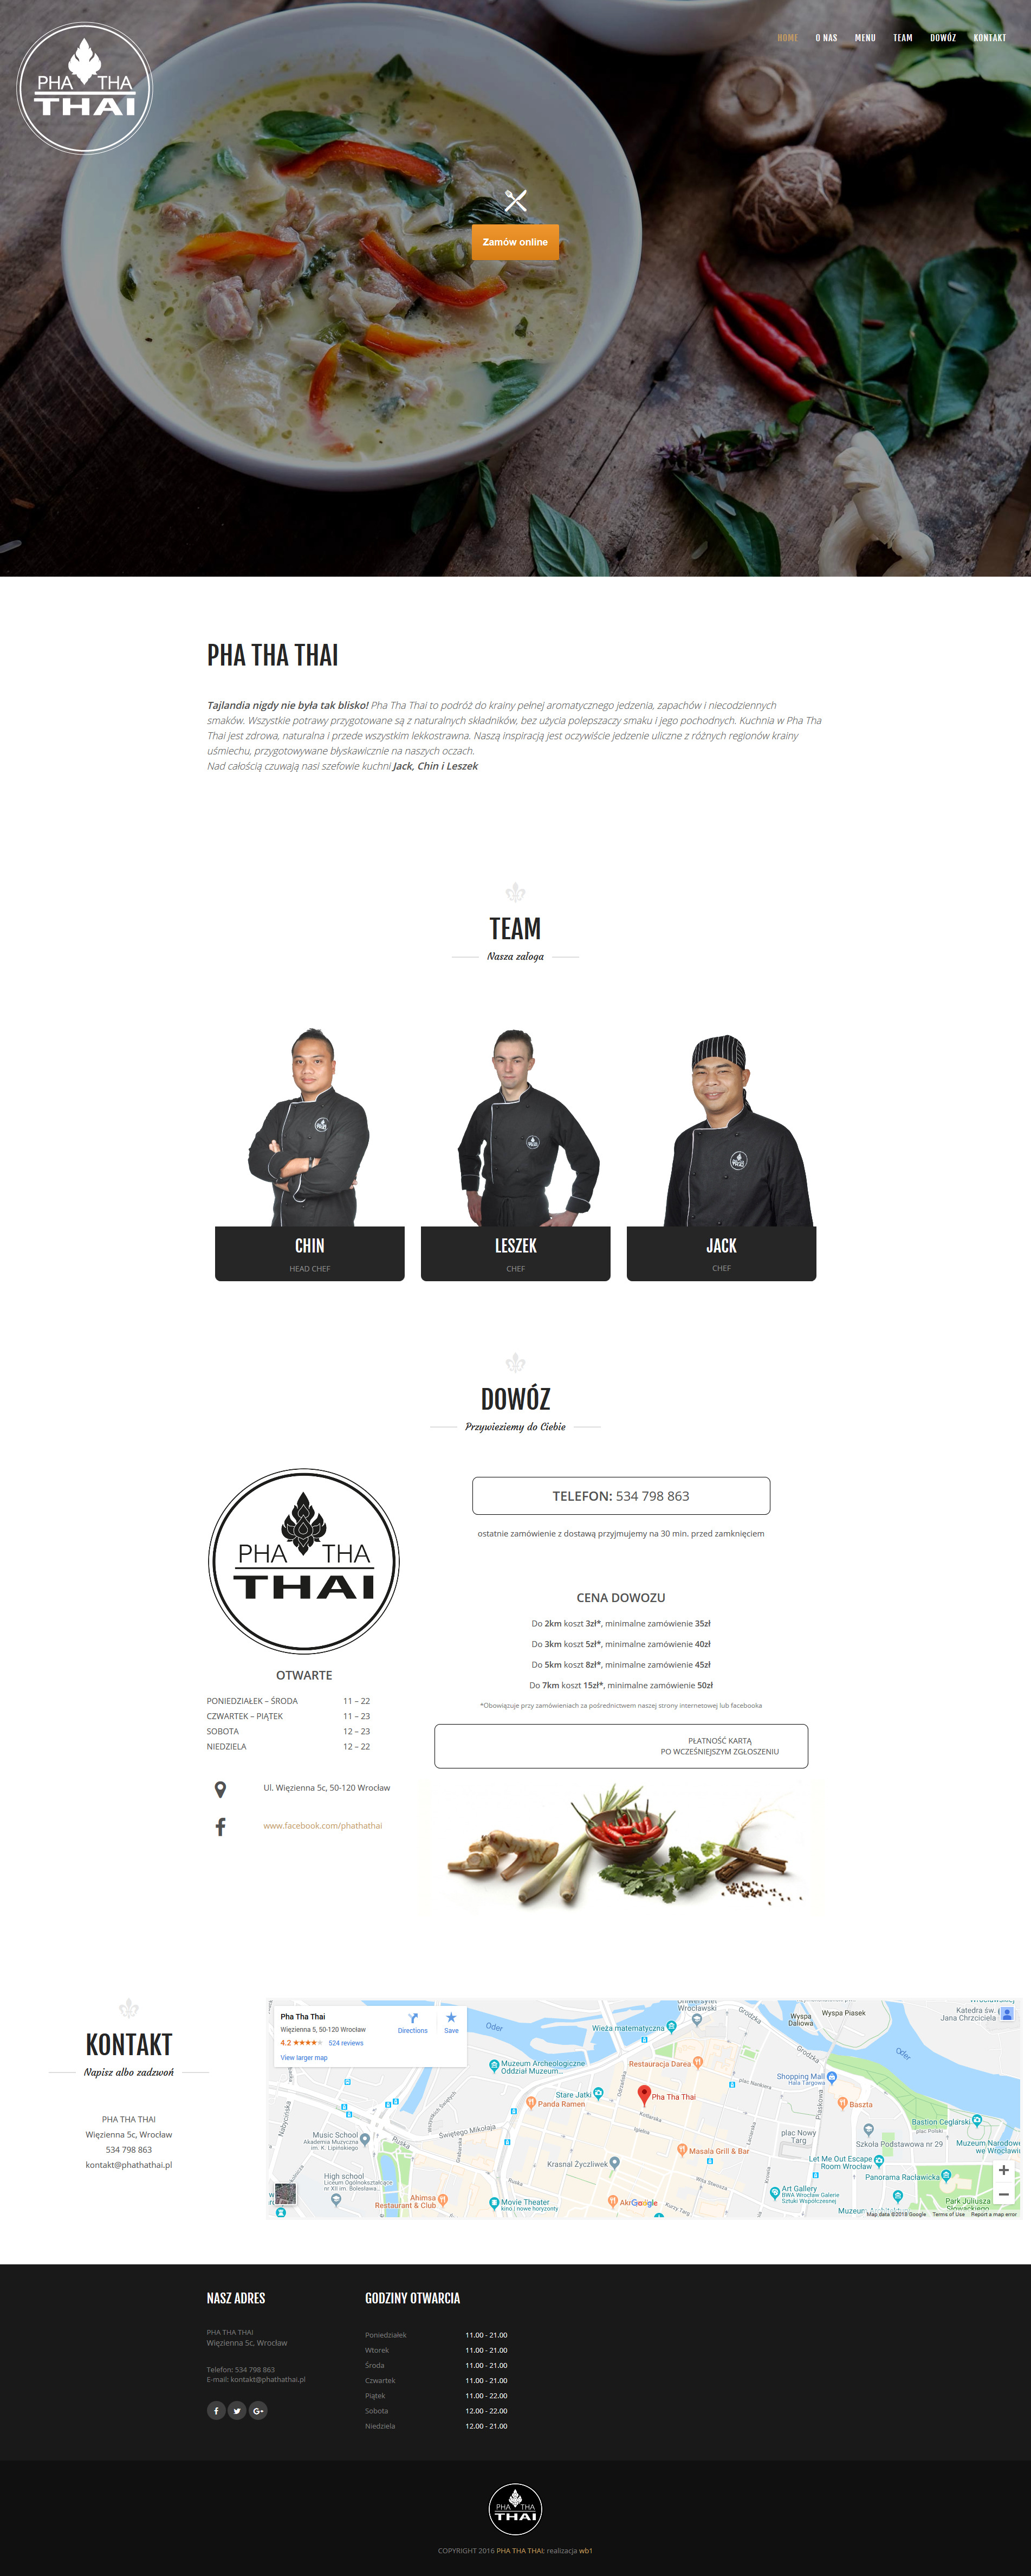 phathathai - restauracja tajska